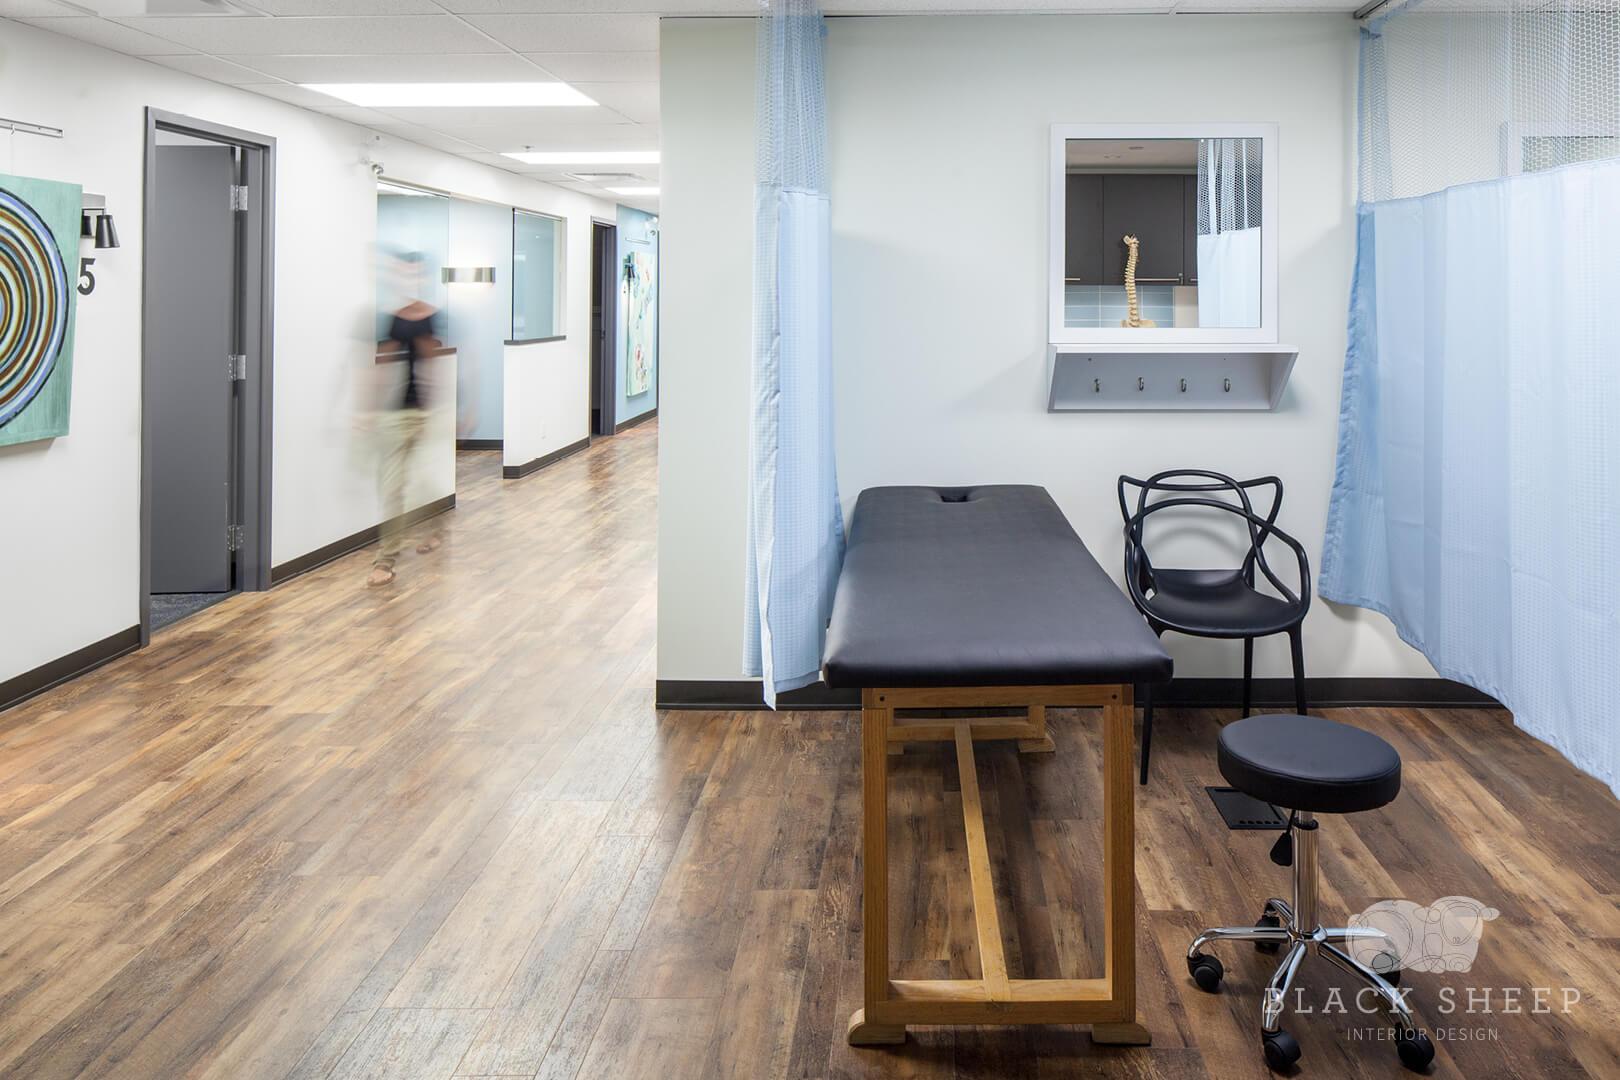 Black Sheep Interior Design - Living City Health 11